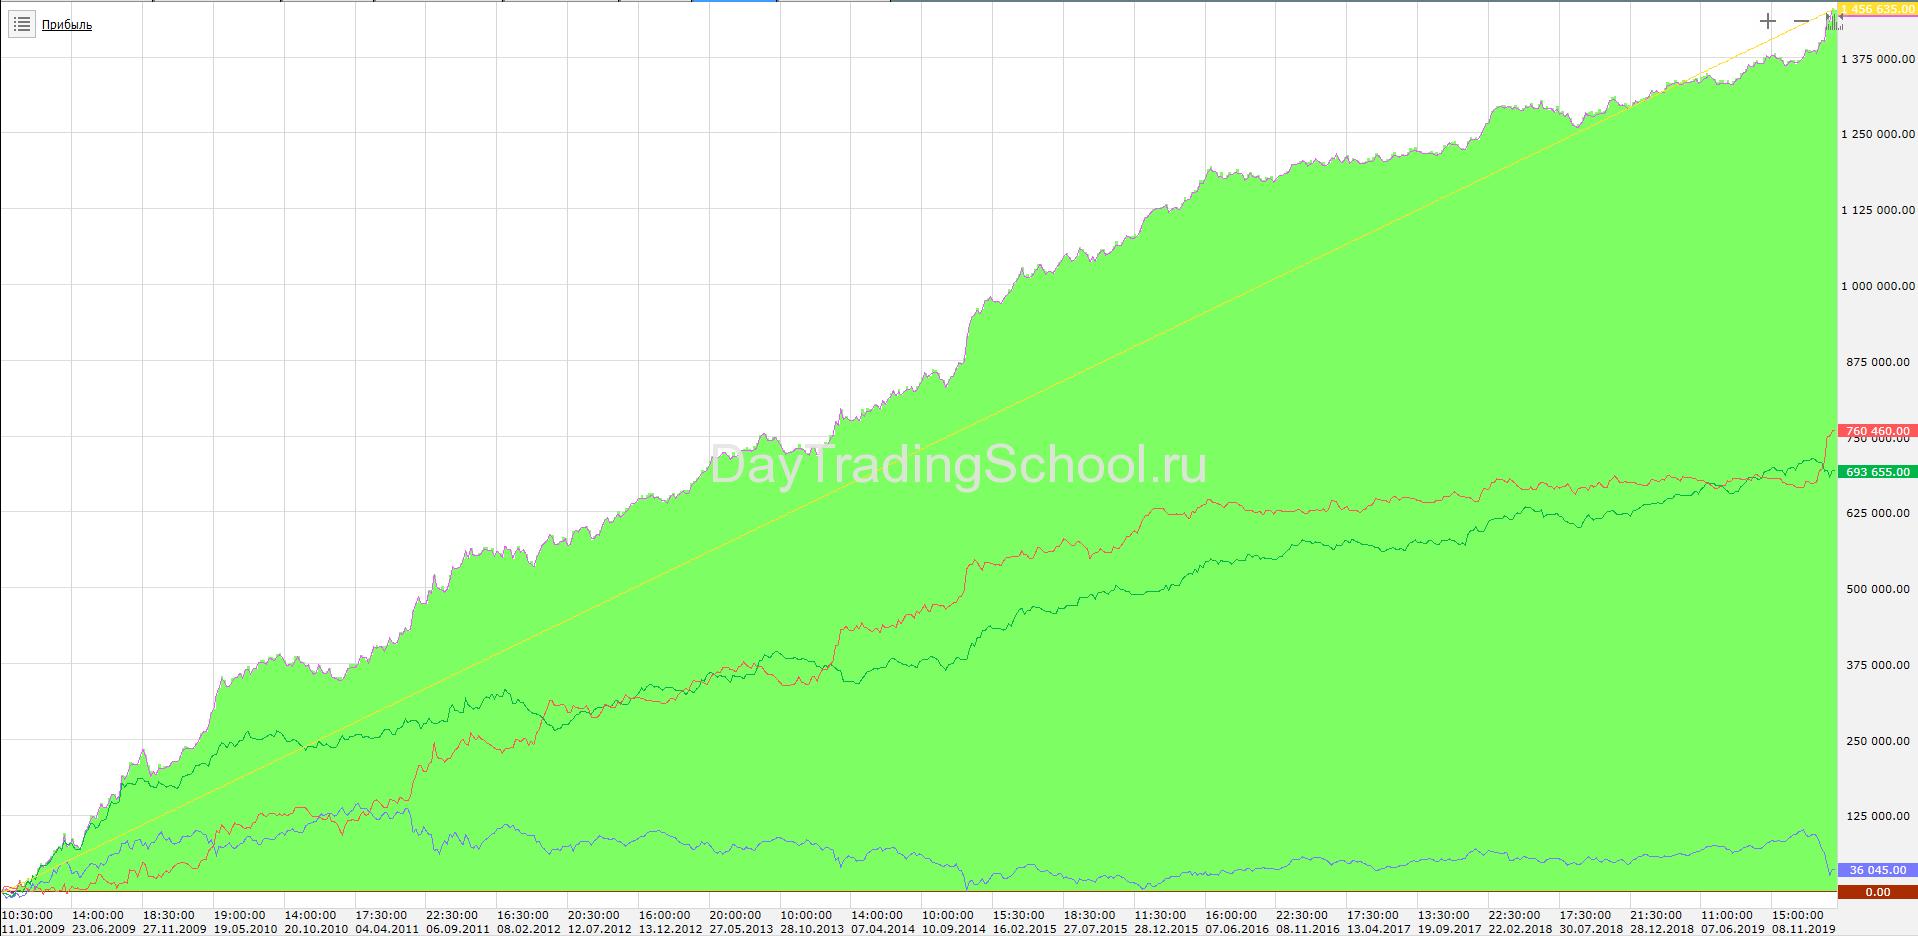 доход-фрактал-2009-2020-ртс